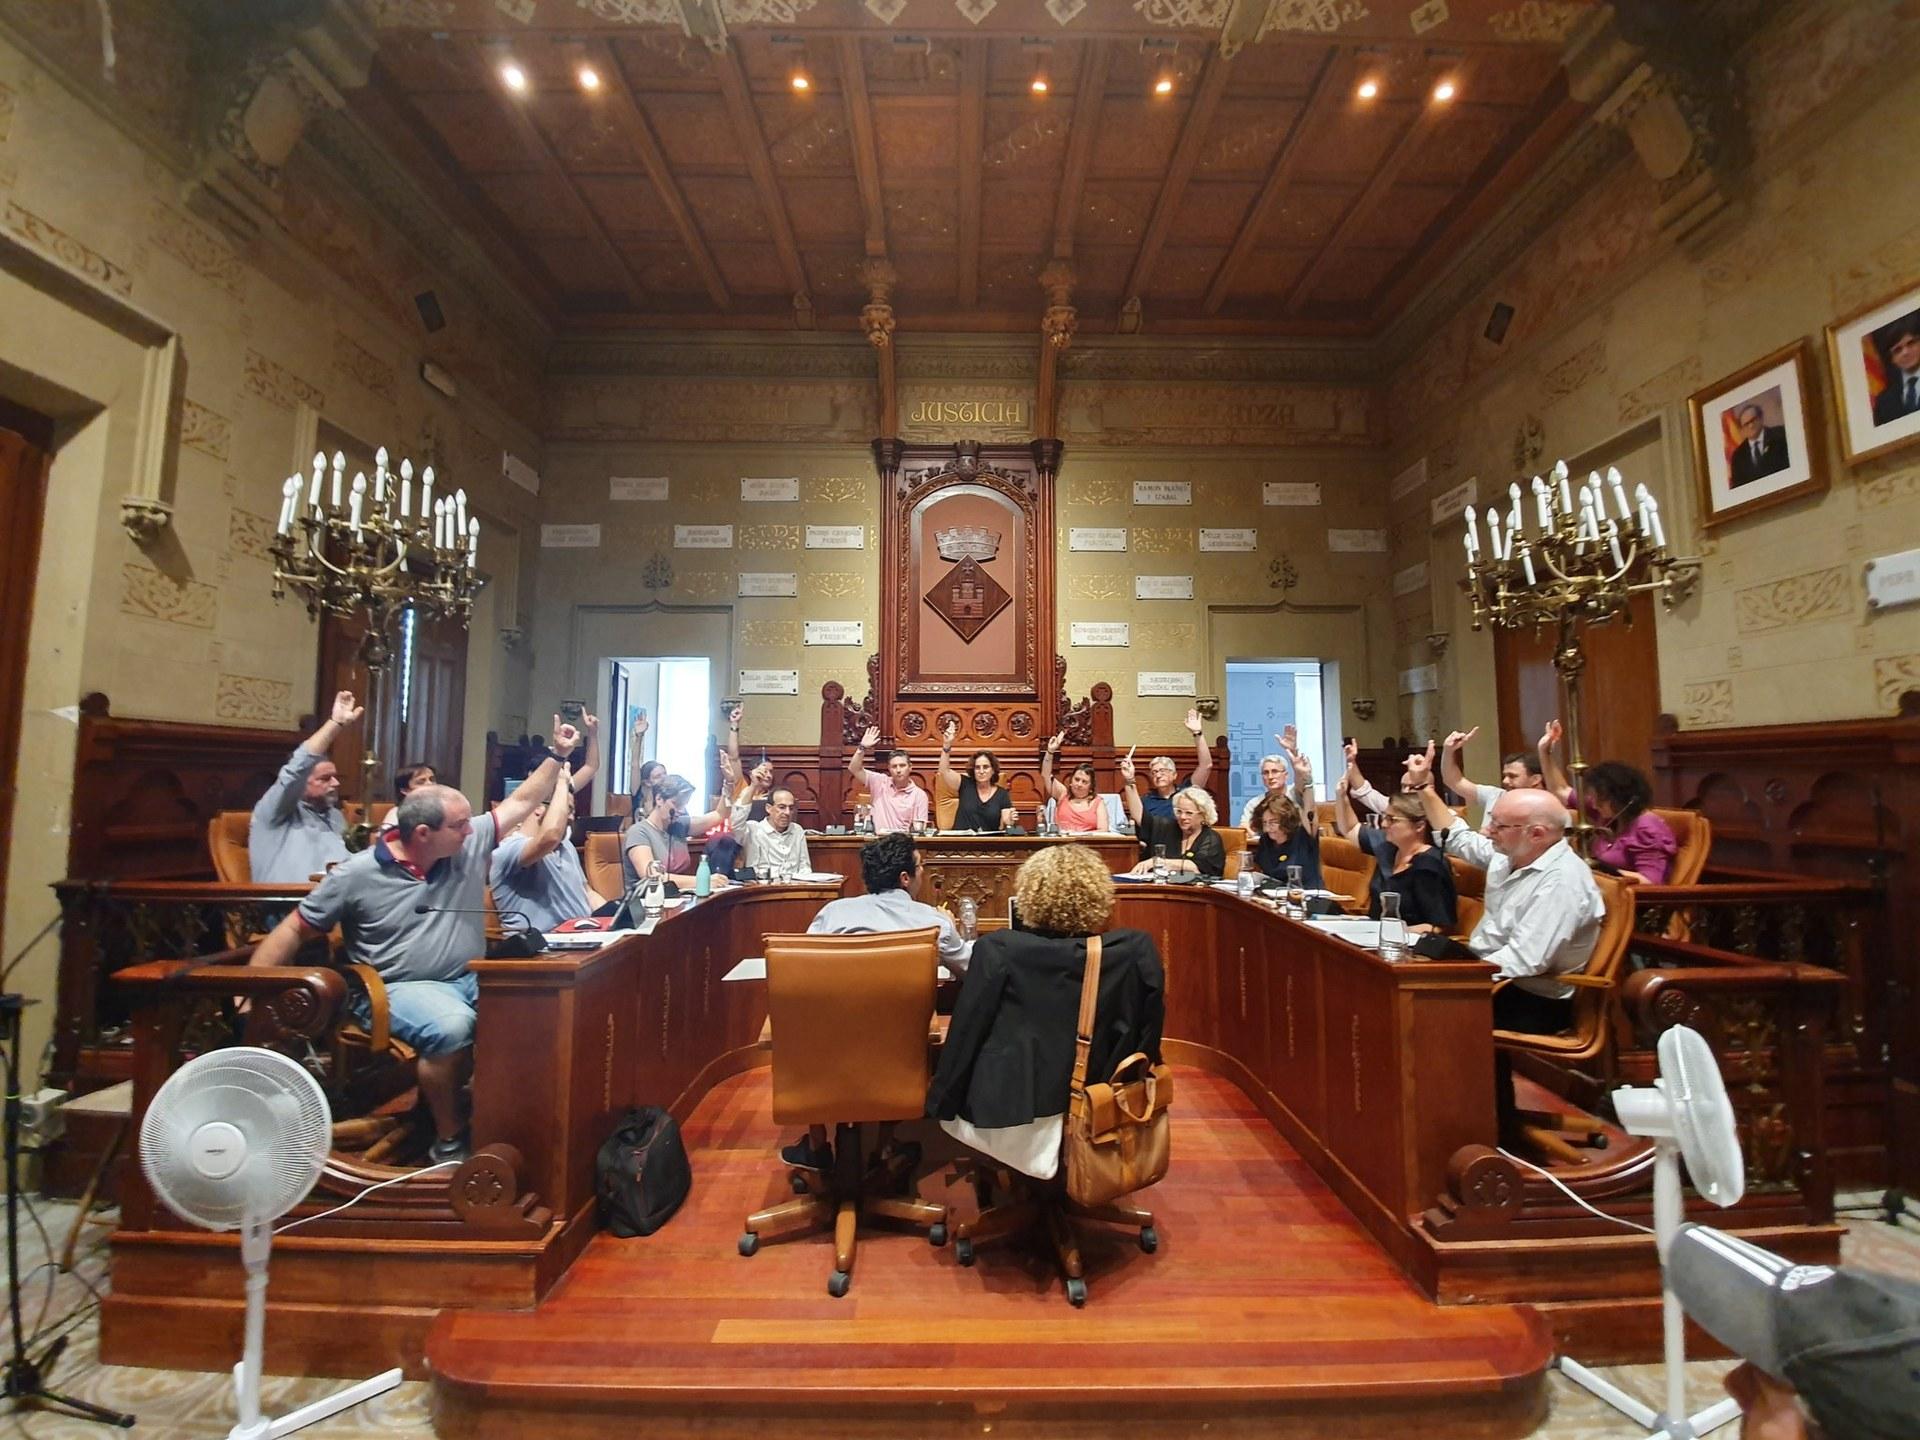 El ple ha aprovat la proposta amb 20 vots a favor i un vot en contra de Comuns en Verds de Sitges-Compromís